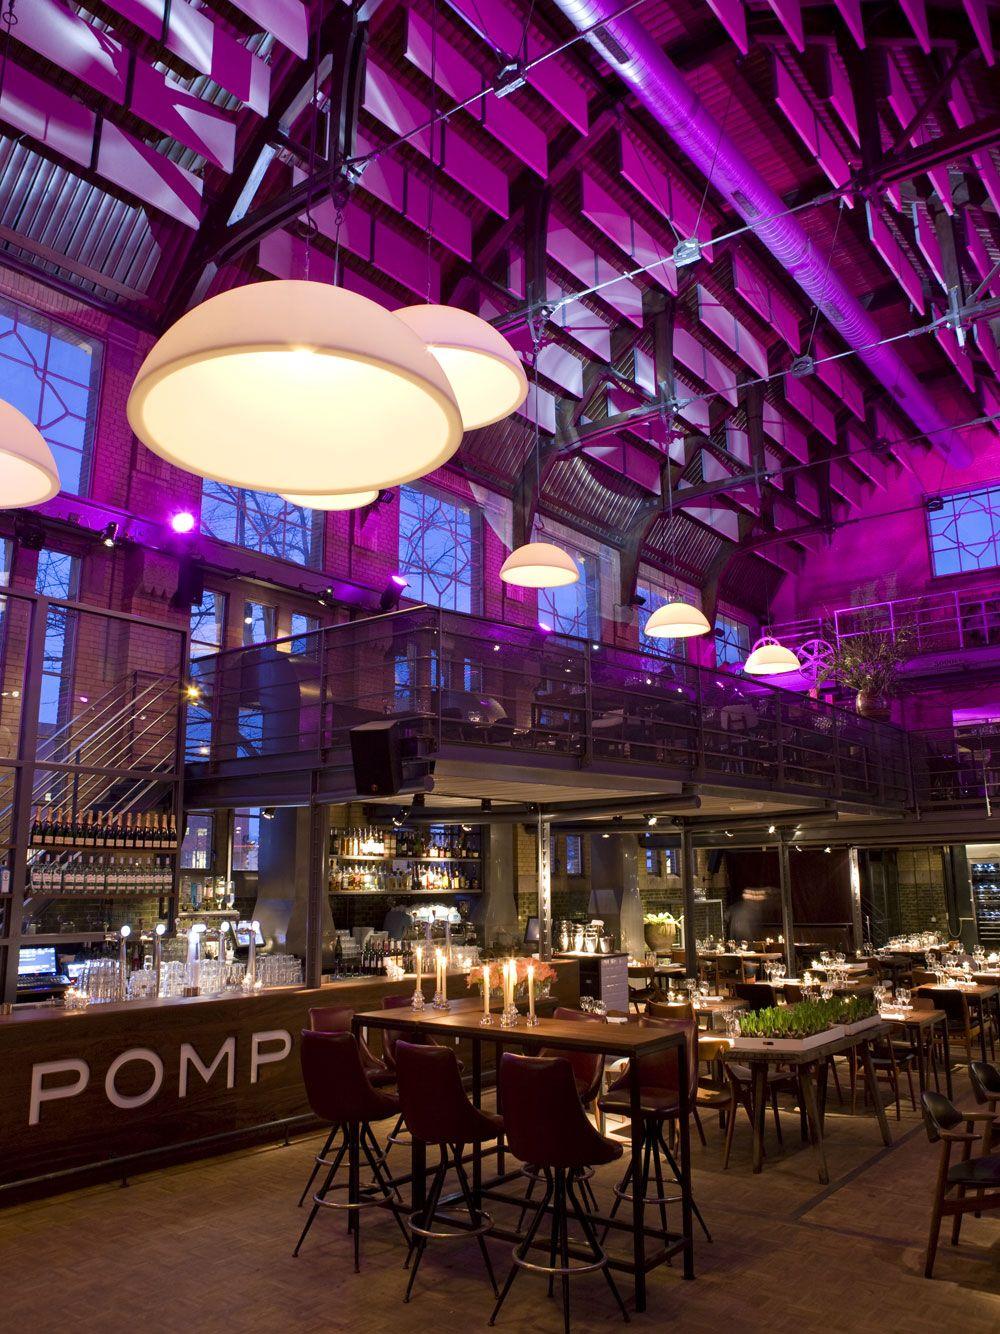 Restaurant design pompstation restaurant in east for Design hotel niederlande